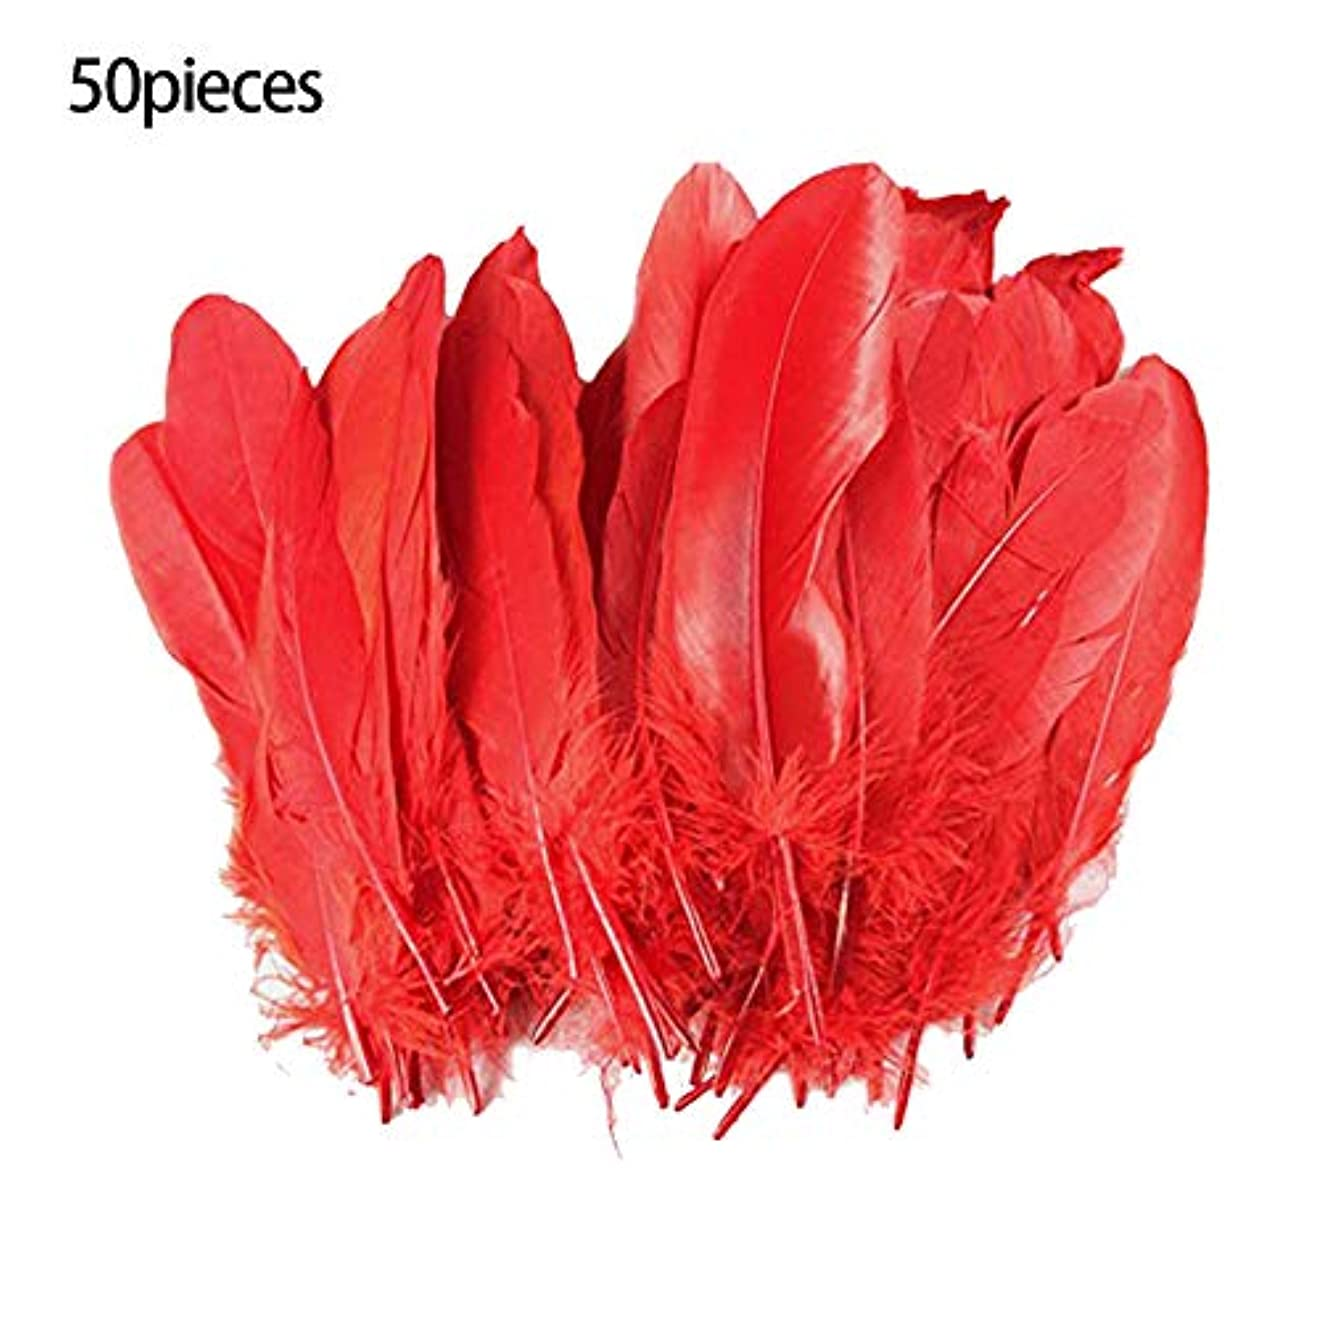 けがをするイブパドルKyand 染め羽根 50枚 ガチョウの羽 15-20CM 工芸品 飾り 結婚式 文化祭 歓迎会 DIY 装飾用の羽根 4色